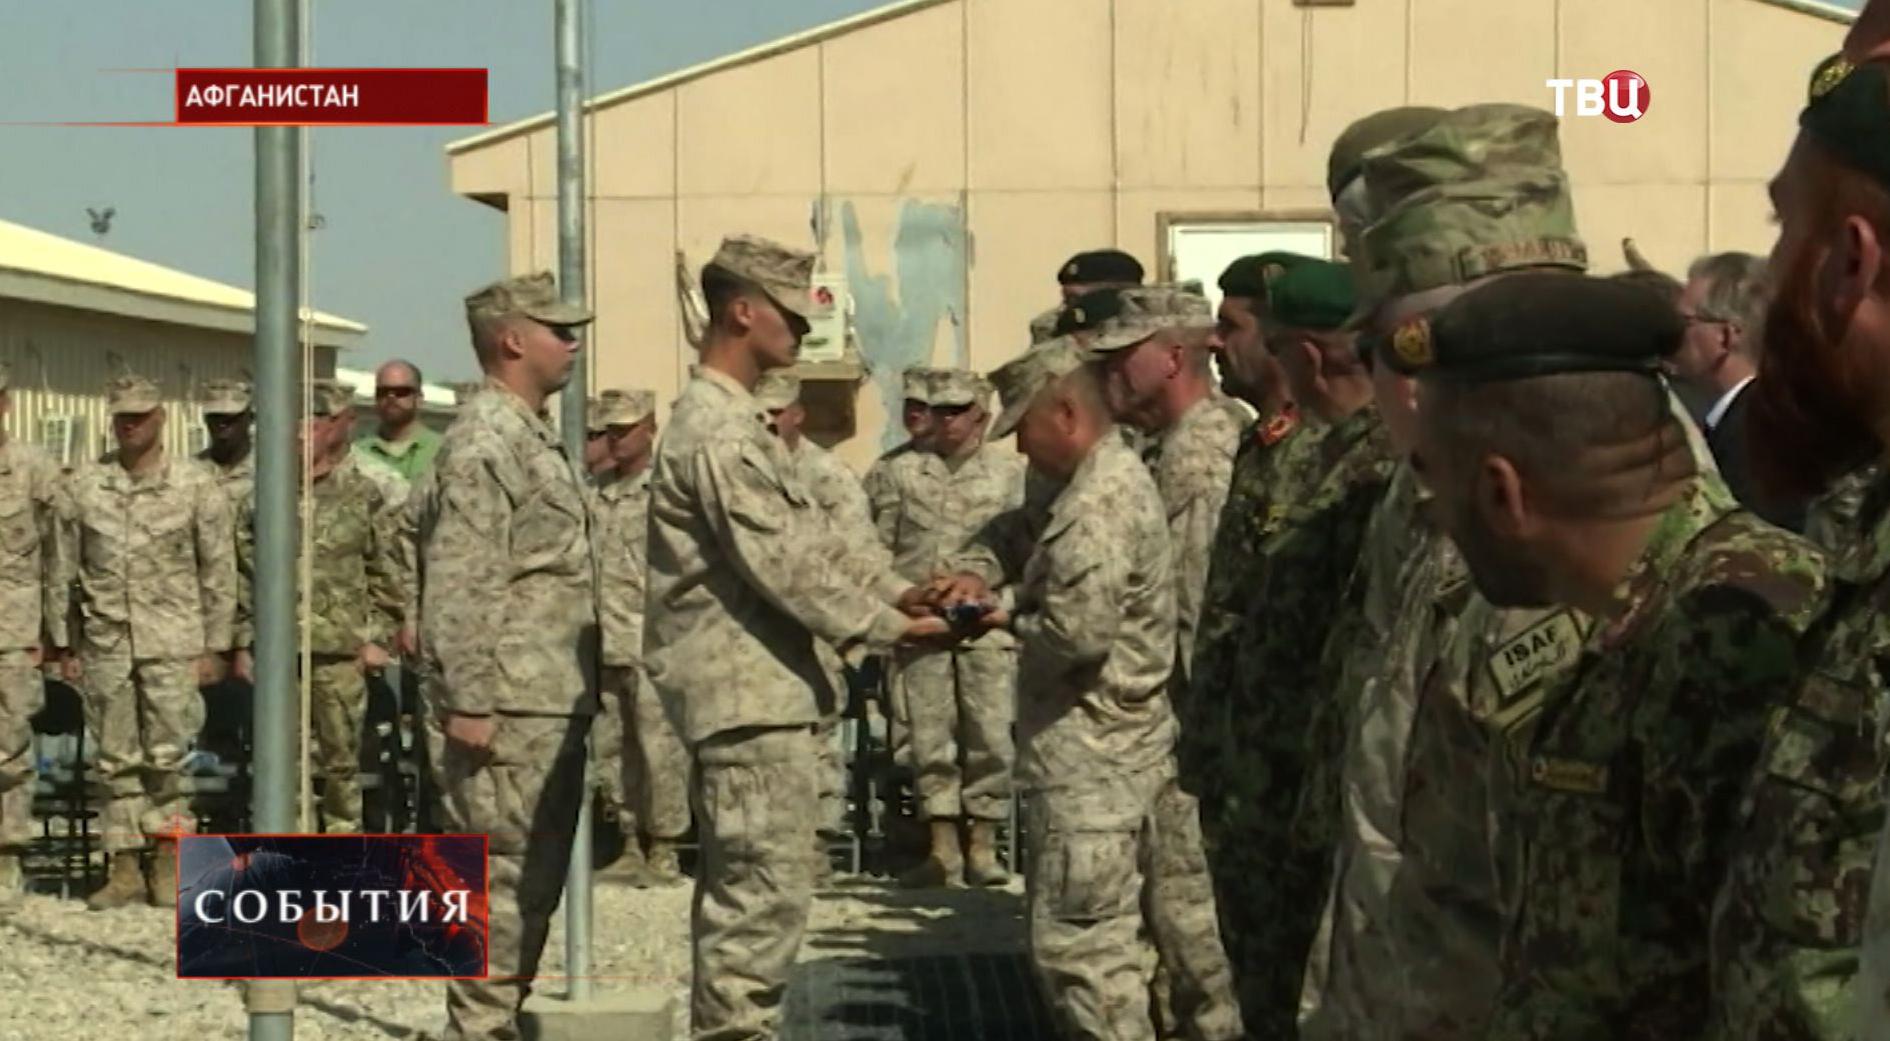 Военные НАТО в Афганистане